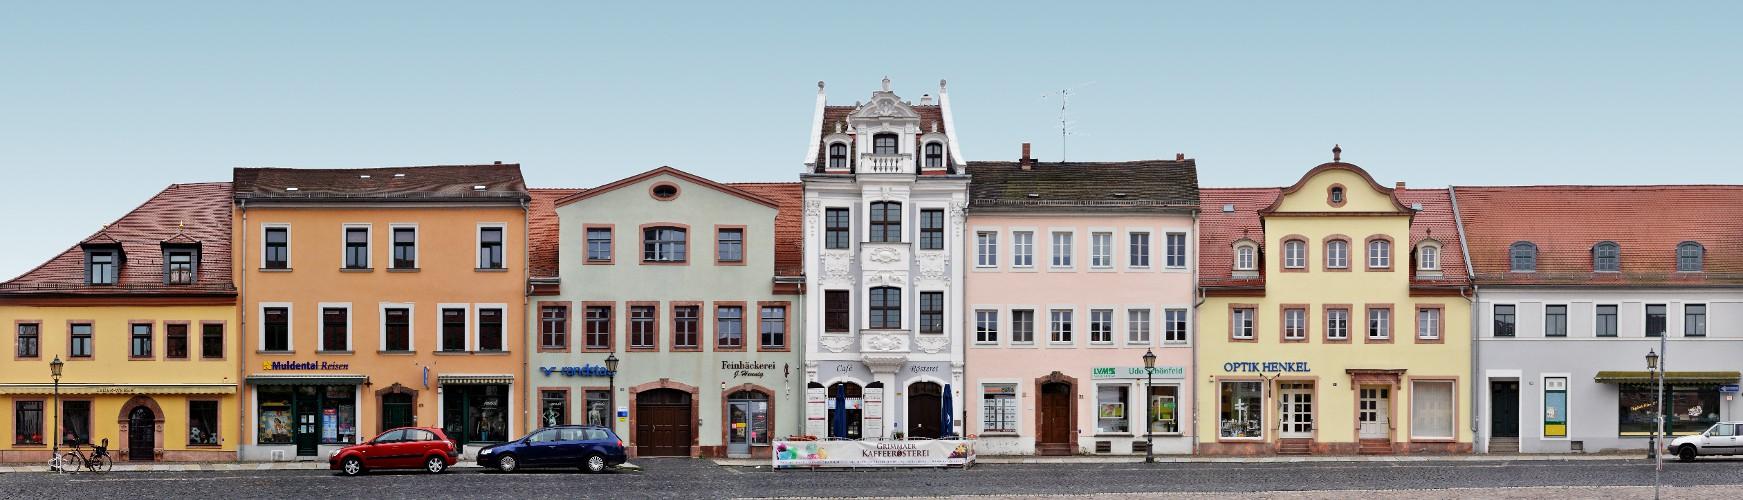 Grimma Markt Häuserzeile